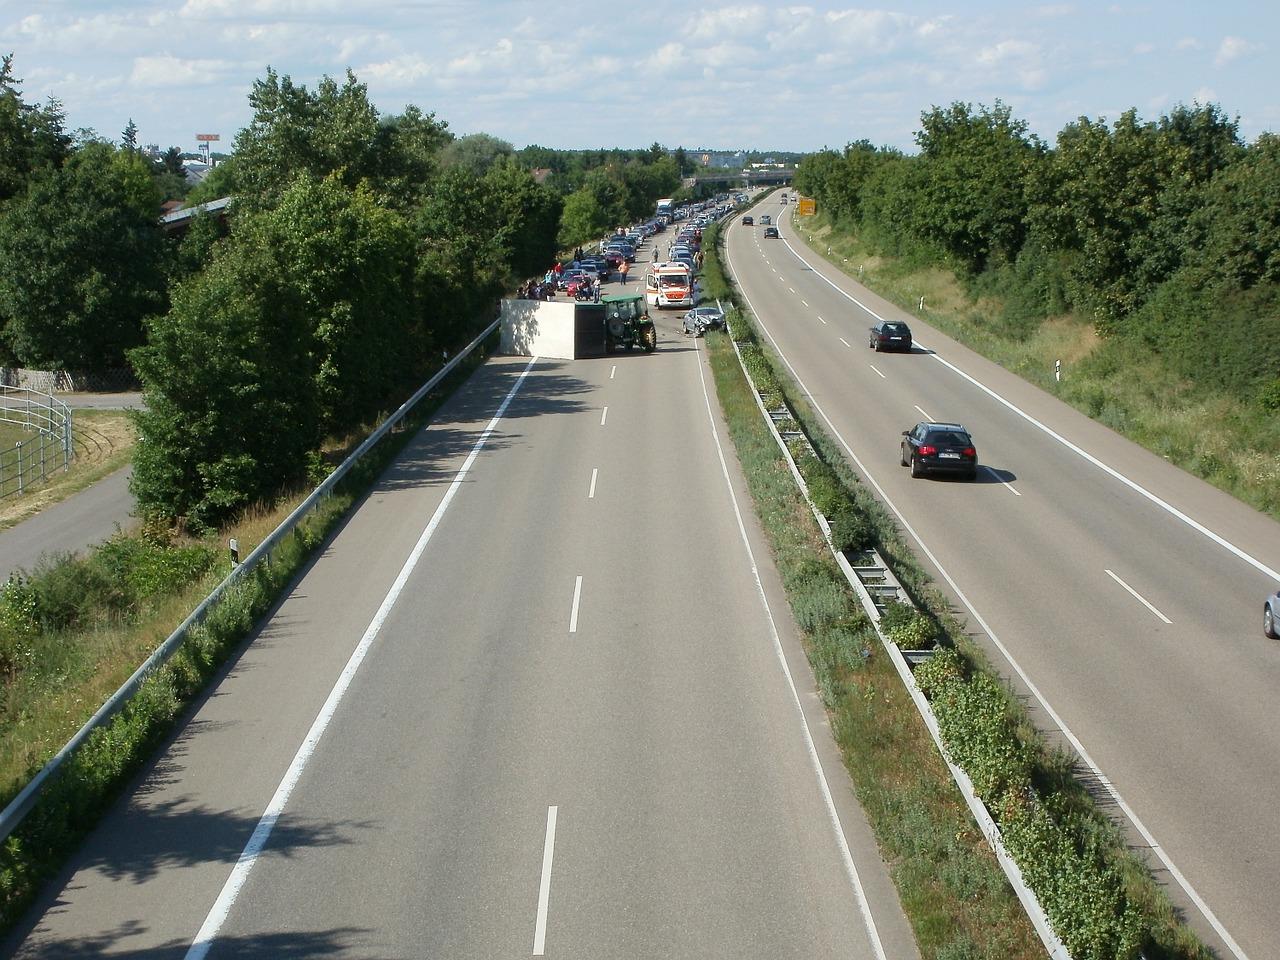 przewozy do niemiec przewozy do Holandii http://busymustang.pl/zamow-busa/